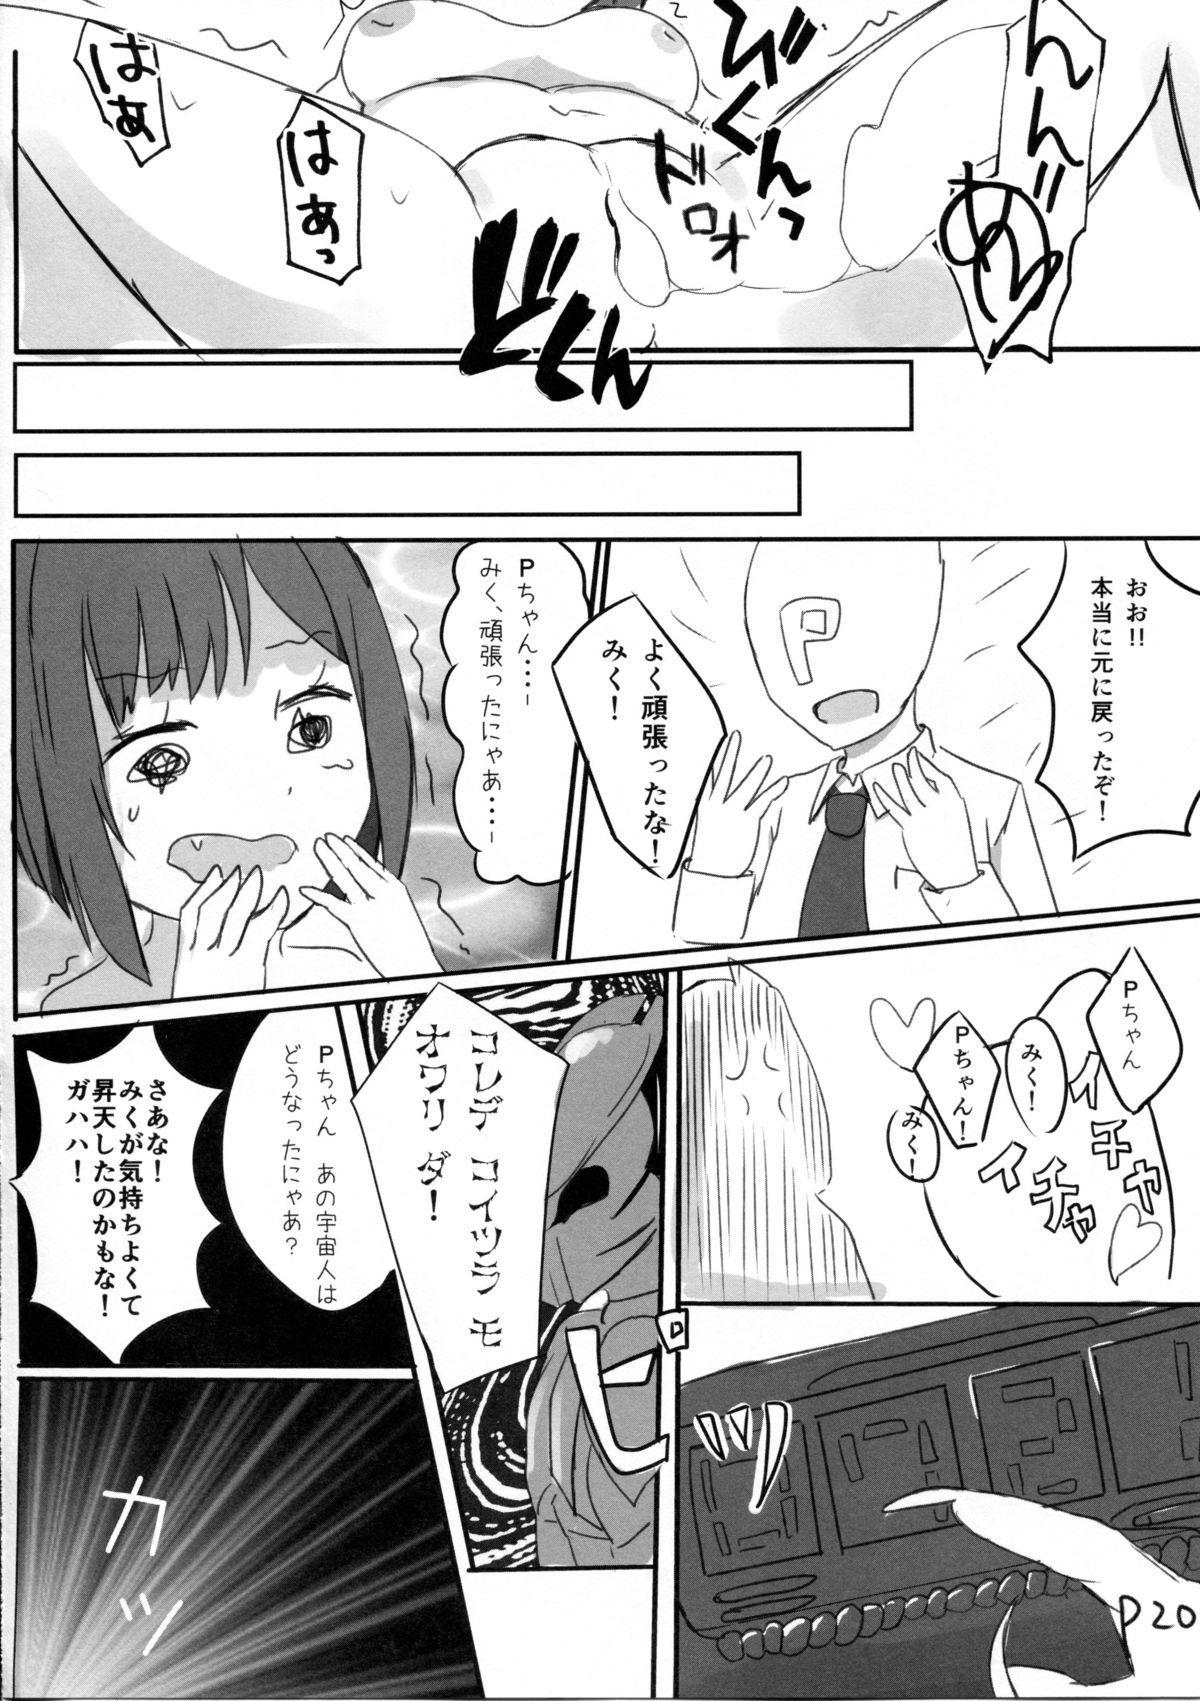 Maekawa Miku vs Predator 18